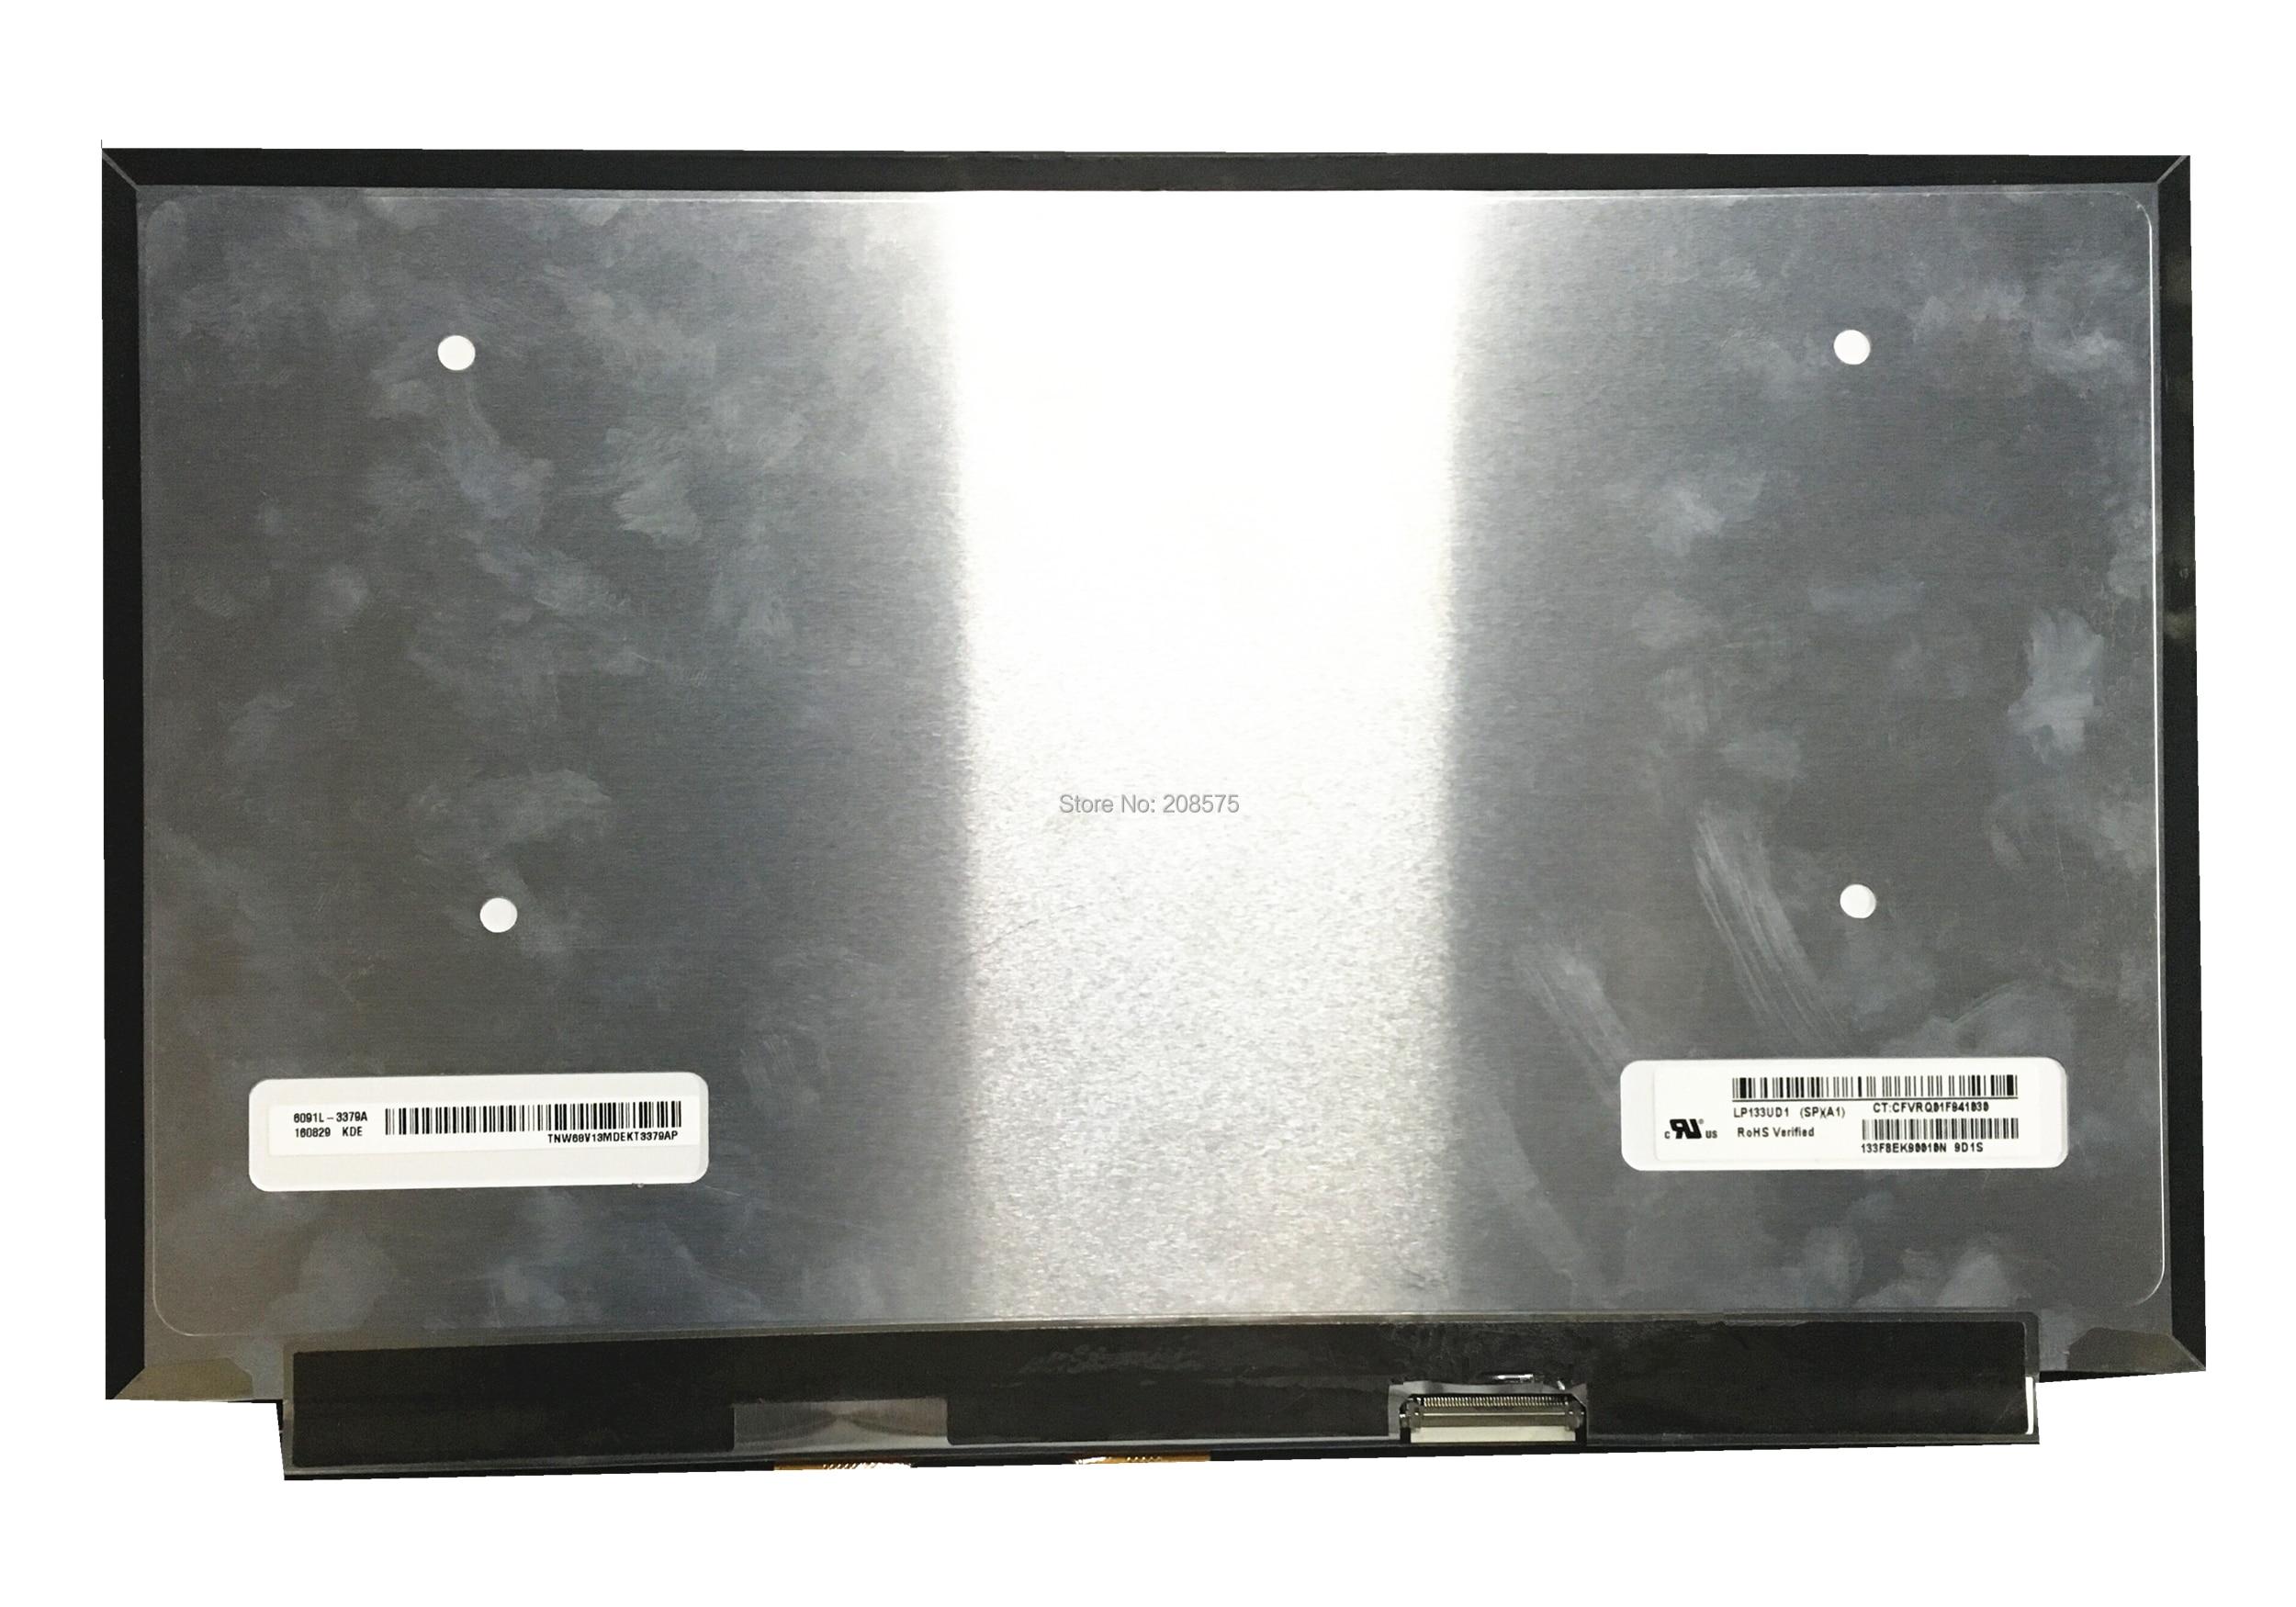 Free Shipping LP133UD1-SPA1 LP133UD1 SPA1 LP133UD1 SPA2 13.3'' Laptop LCD Screen Matrix IPS 4K UHD 3840*2160 EDP 40 Pins free shipping lp133wh2 spa1 claa133wb03cn b133xtn01 3 m133nwn1 r1 r3 13 3 laptop lcd screen 30pins